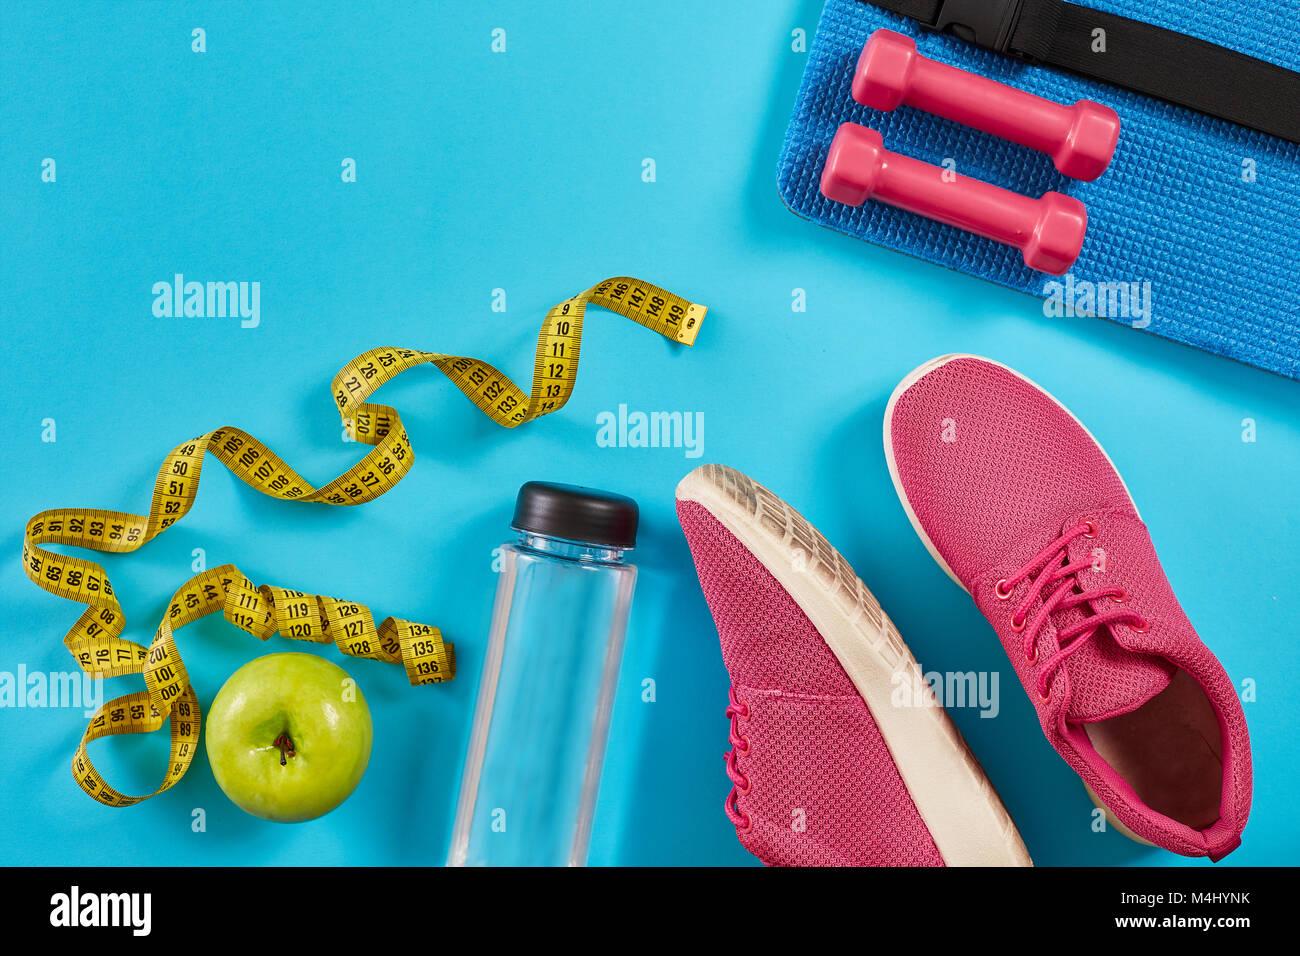 Sneakers mit Maßband auf cyan blau unterlegt ist. Zentimeter